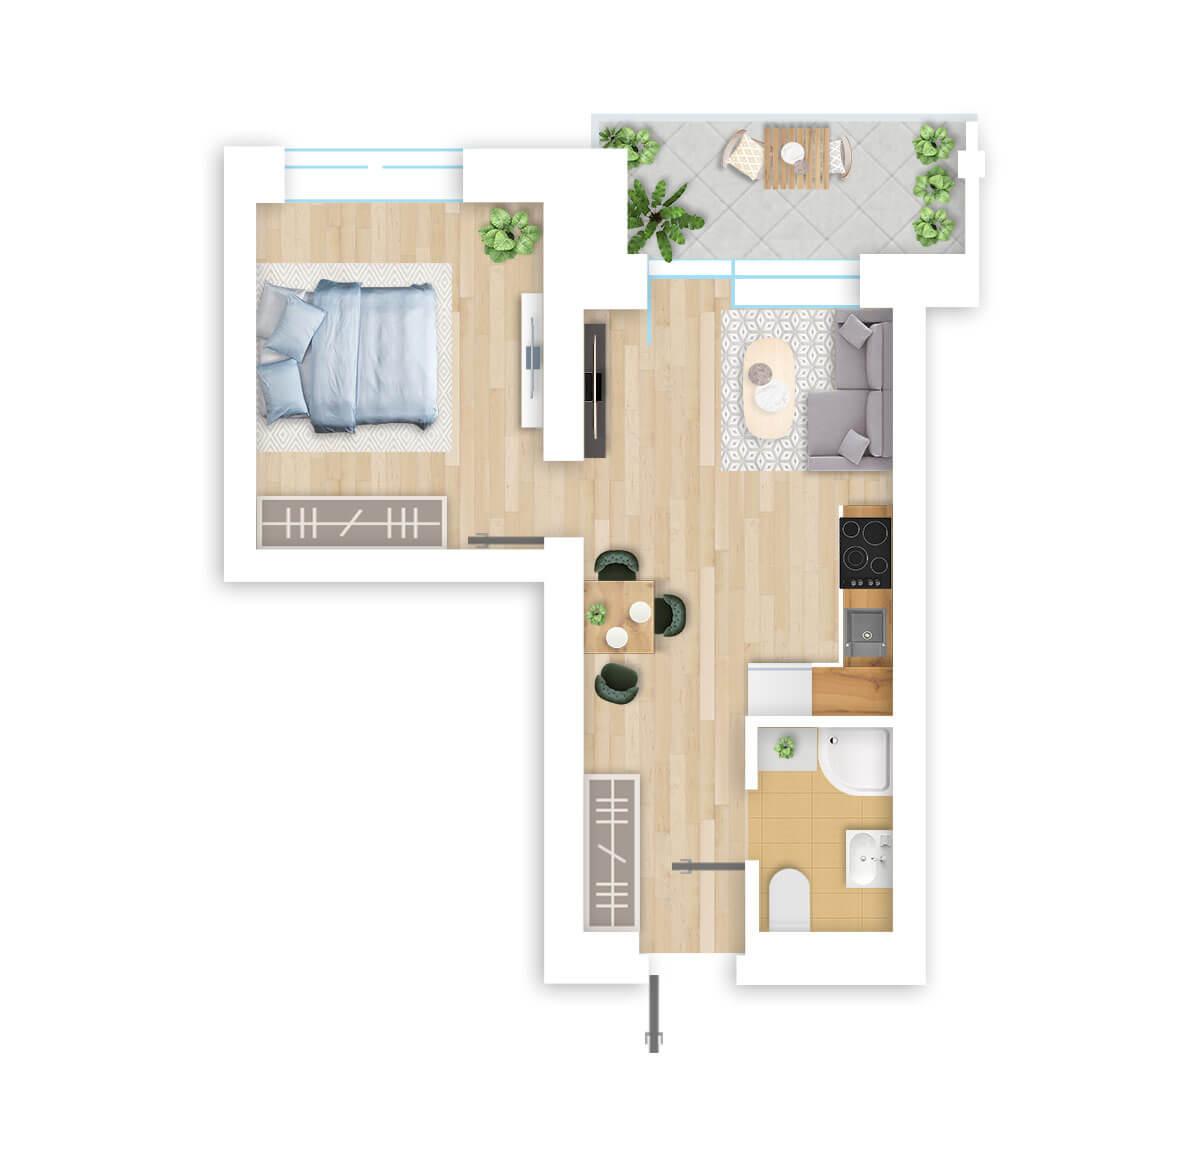 parduodamas butas Lazdynėlių g. 16A - 3 Vilniuje, buto 3D vaizdas